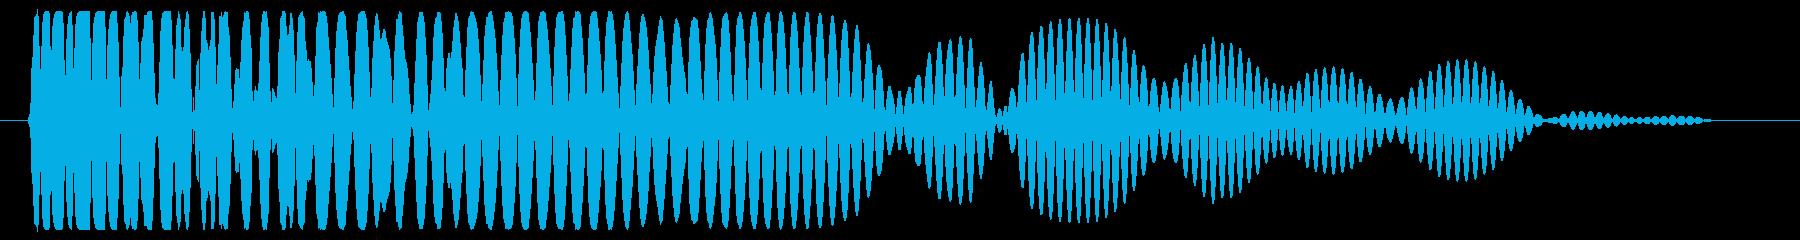 ブウォーン(重低音の効いた爆発音)の再生済みの波形